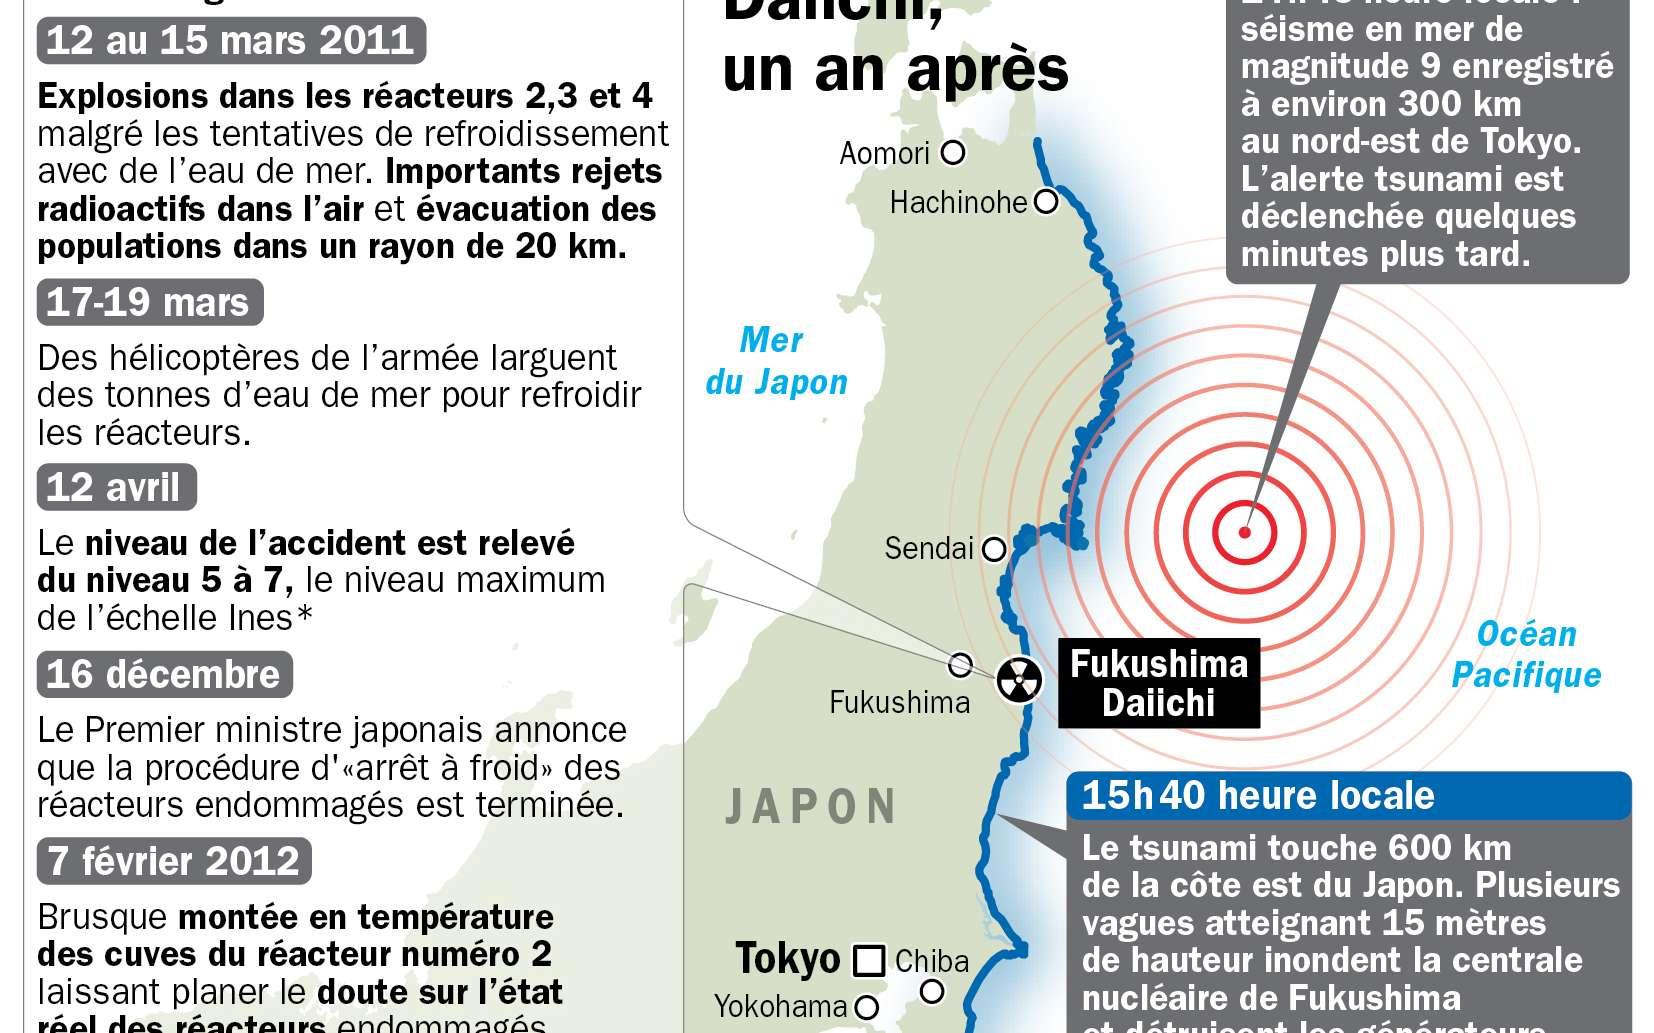 Un an après le séisme et le tsunami, la centrale de Fujkushima-Daiishi fait toujours parler d'elle. Les températures ne semblent pas descendre comme on l'espérerait. © Idé